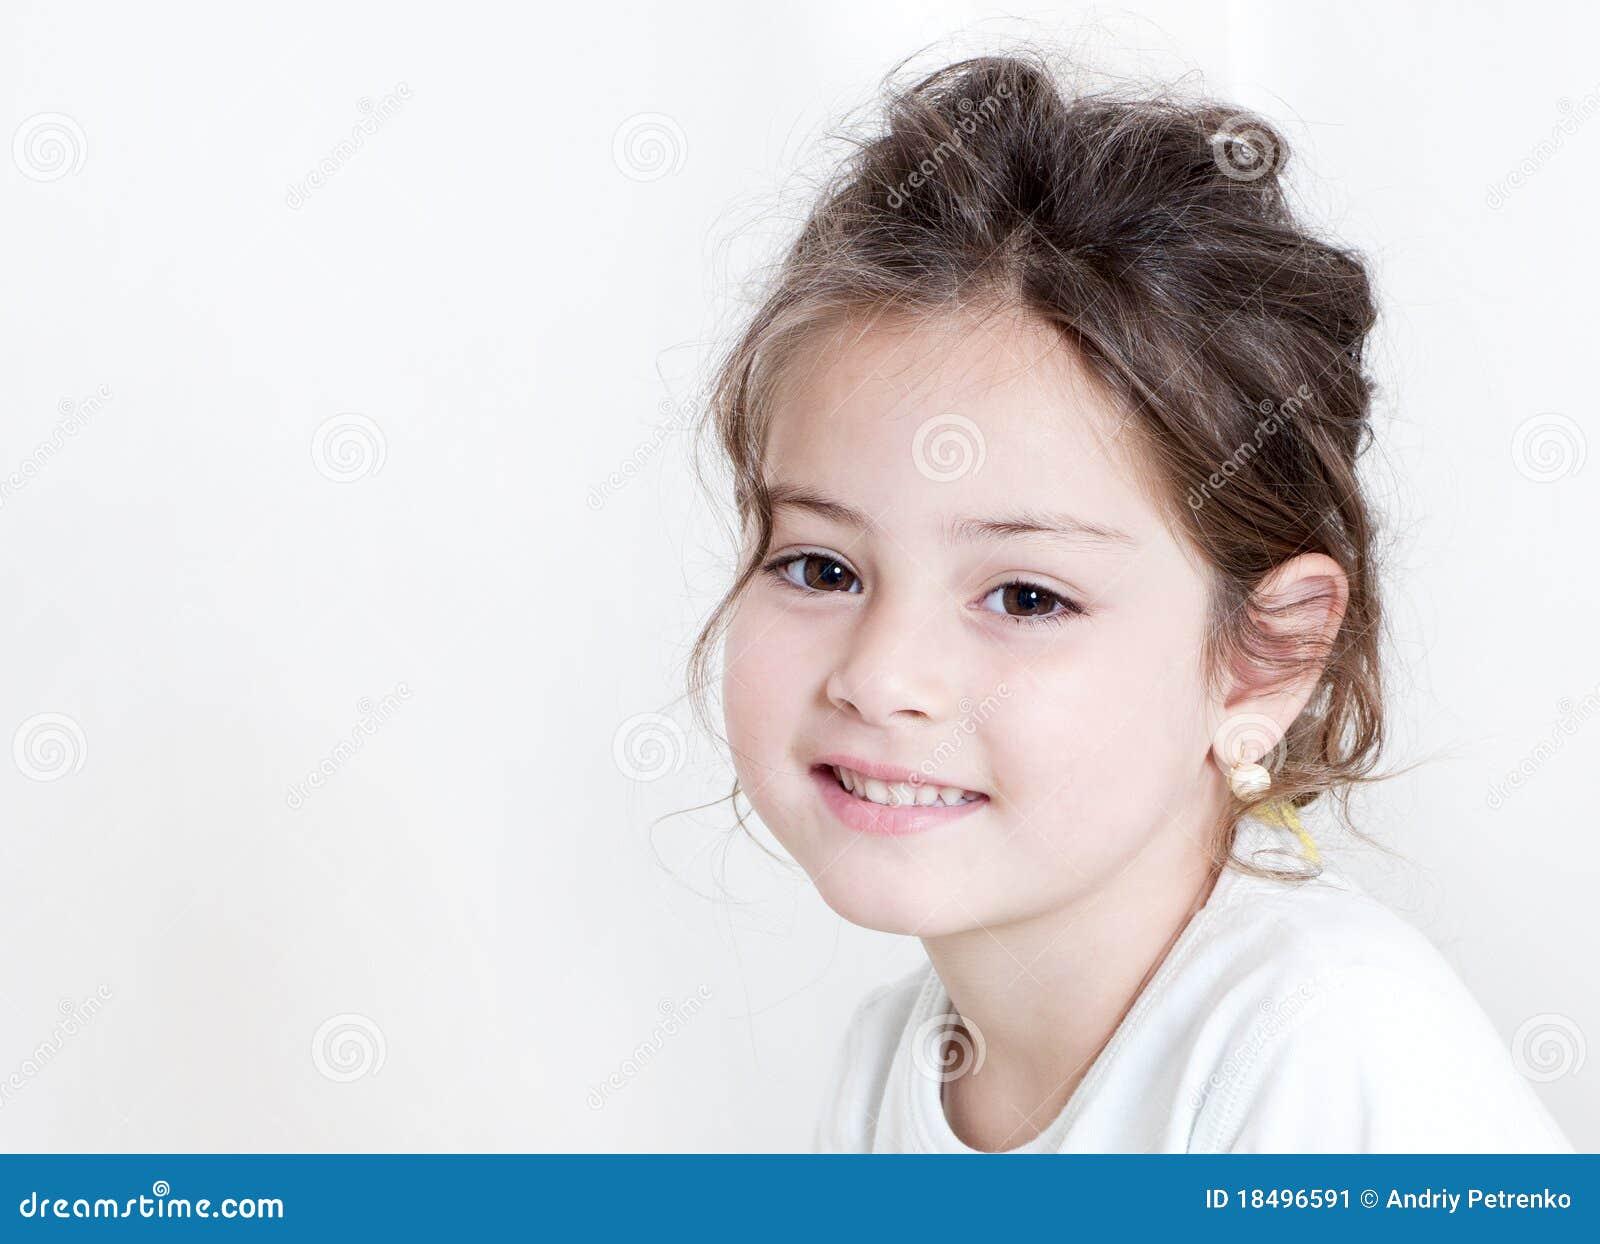 Happy Little Girl Stock Image - Image: 18496591